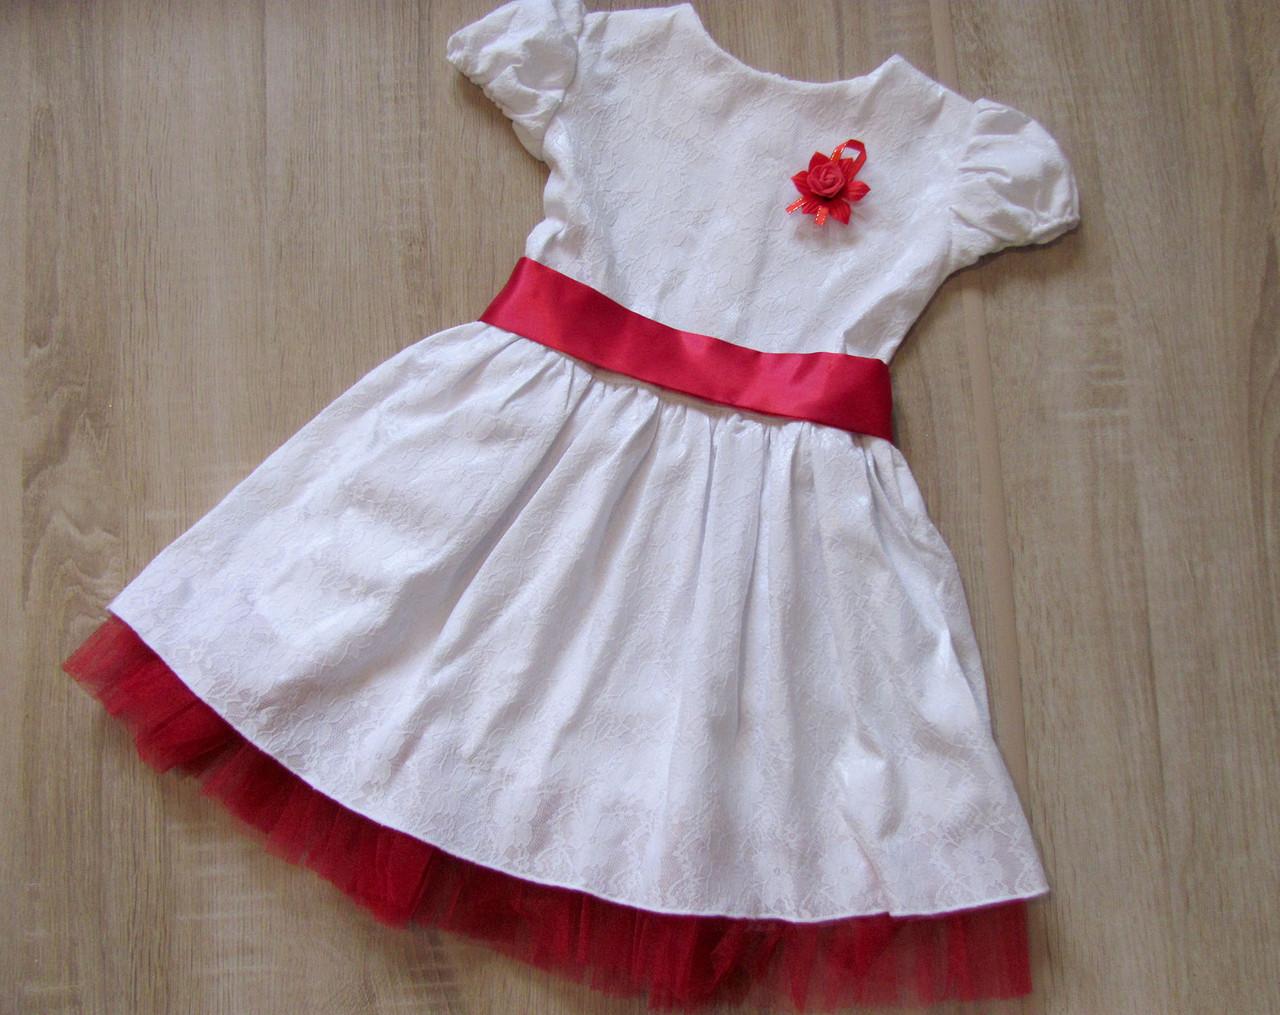 de1670a4b43 Р.116 Детское Праздничное Платье